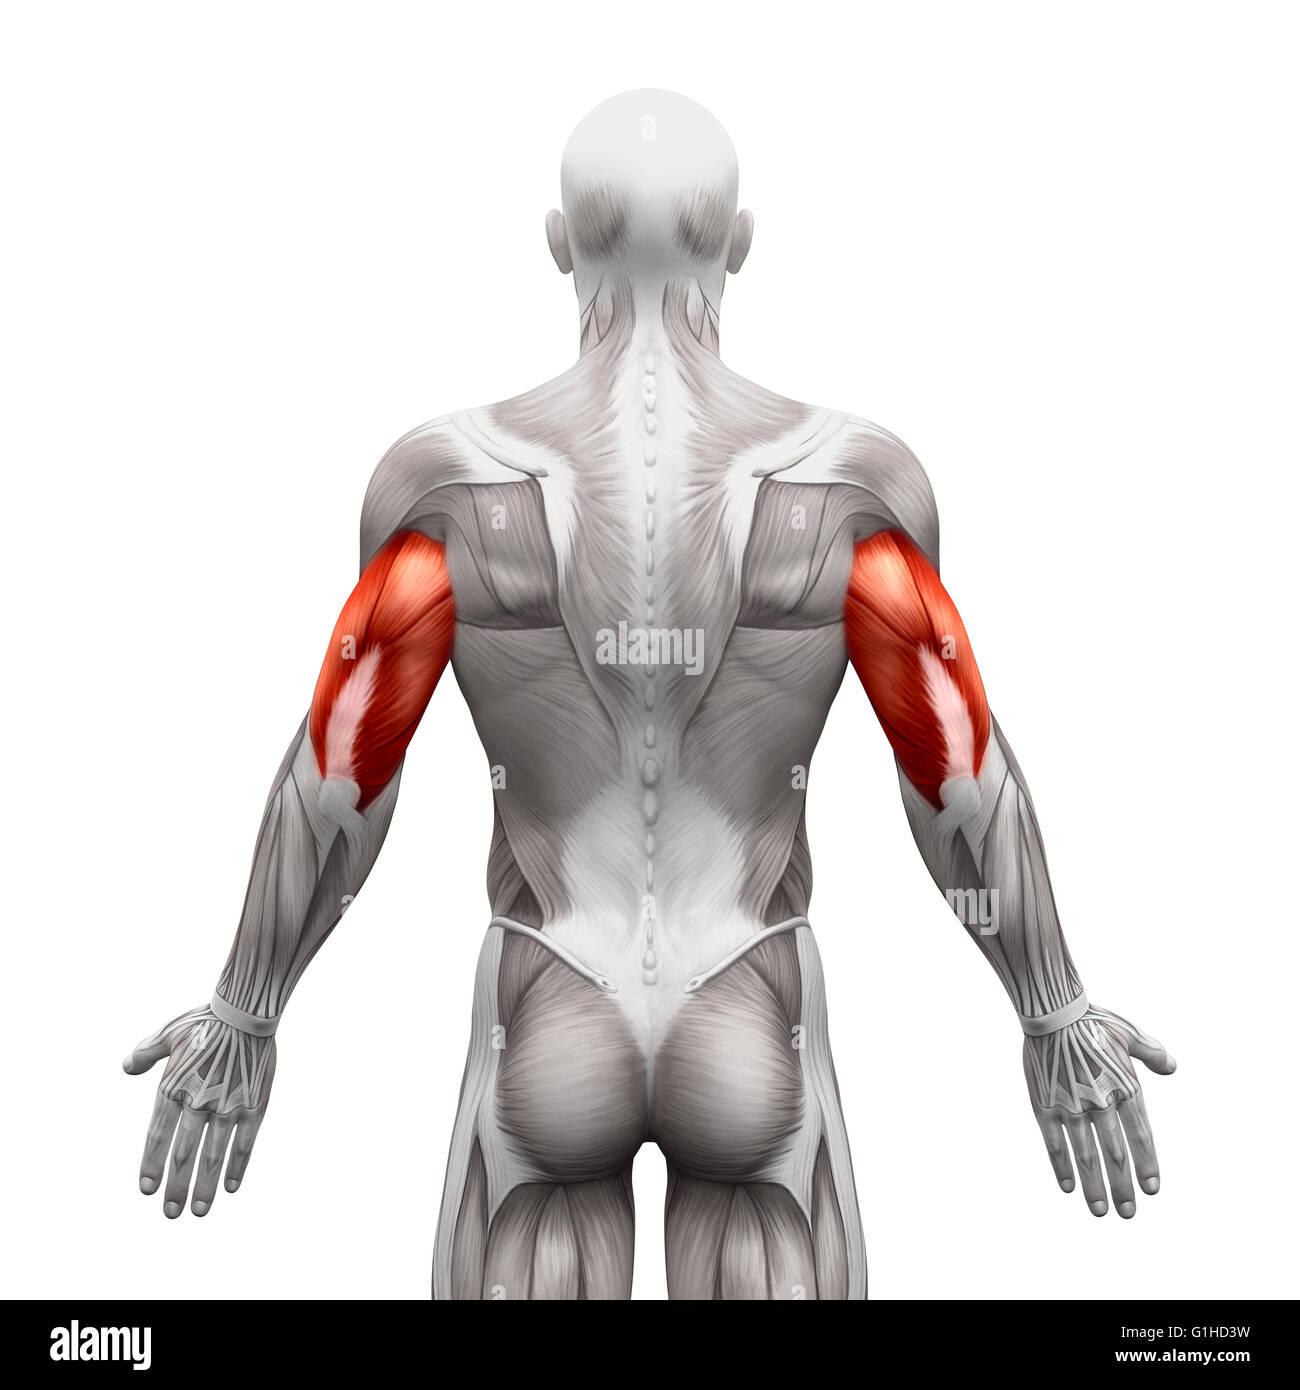 Trizepsmuskeln - isoliert Anatomie Muskeln auf weiss - 3D ...